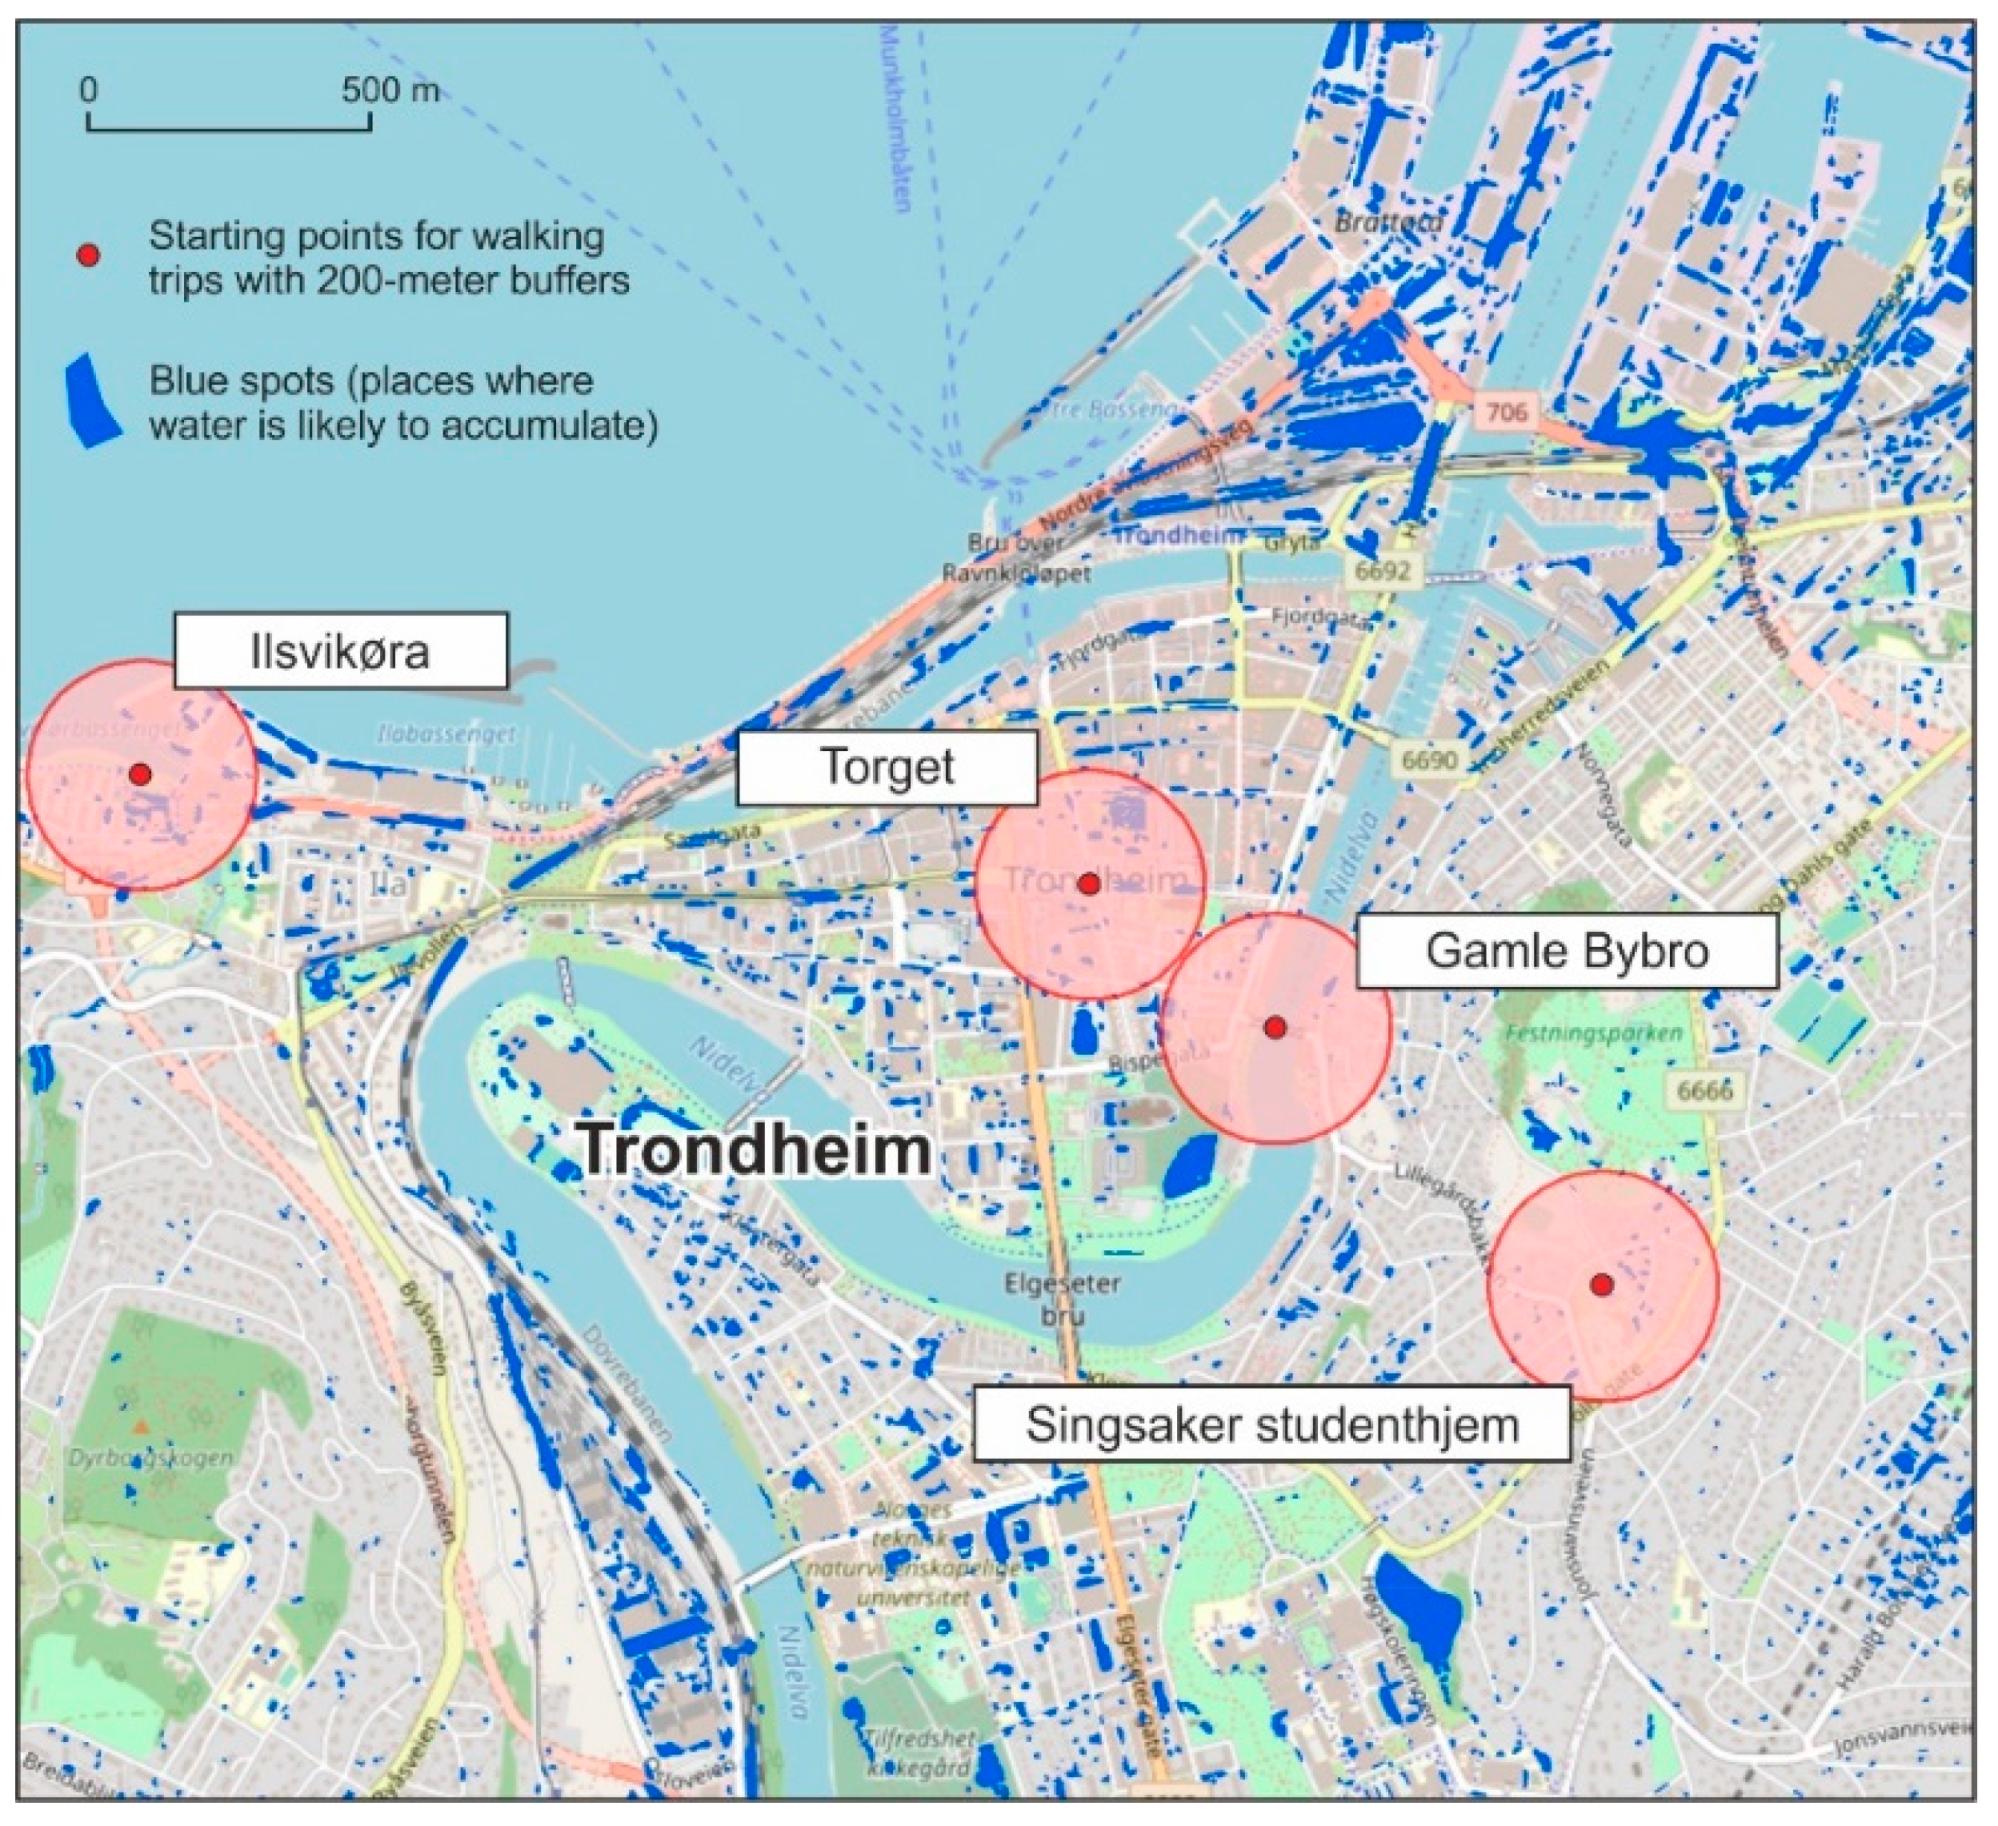 Flybussen Trondheim Map